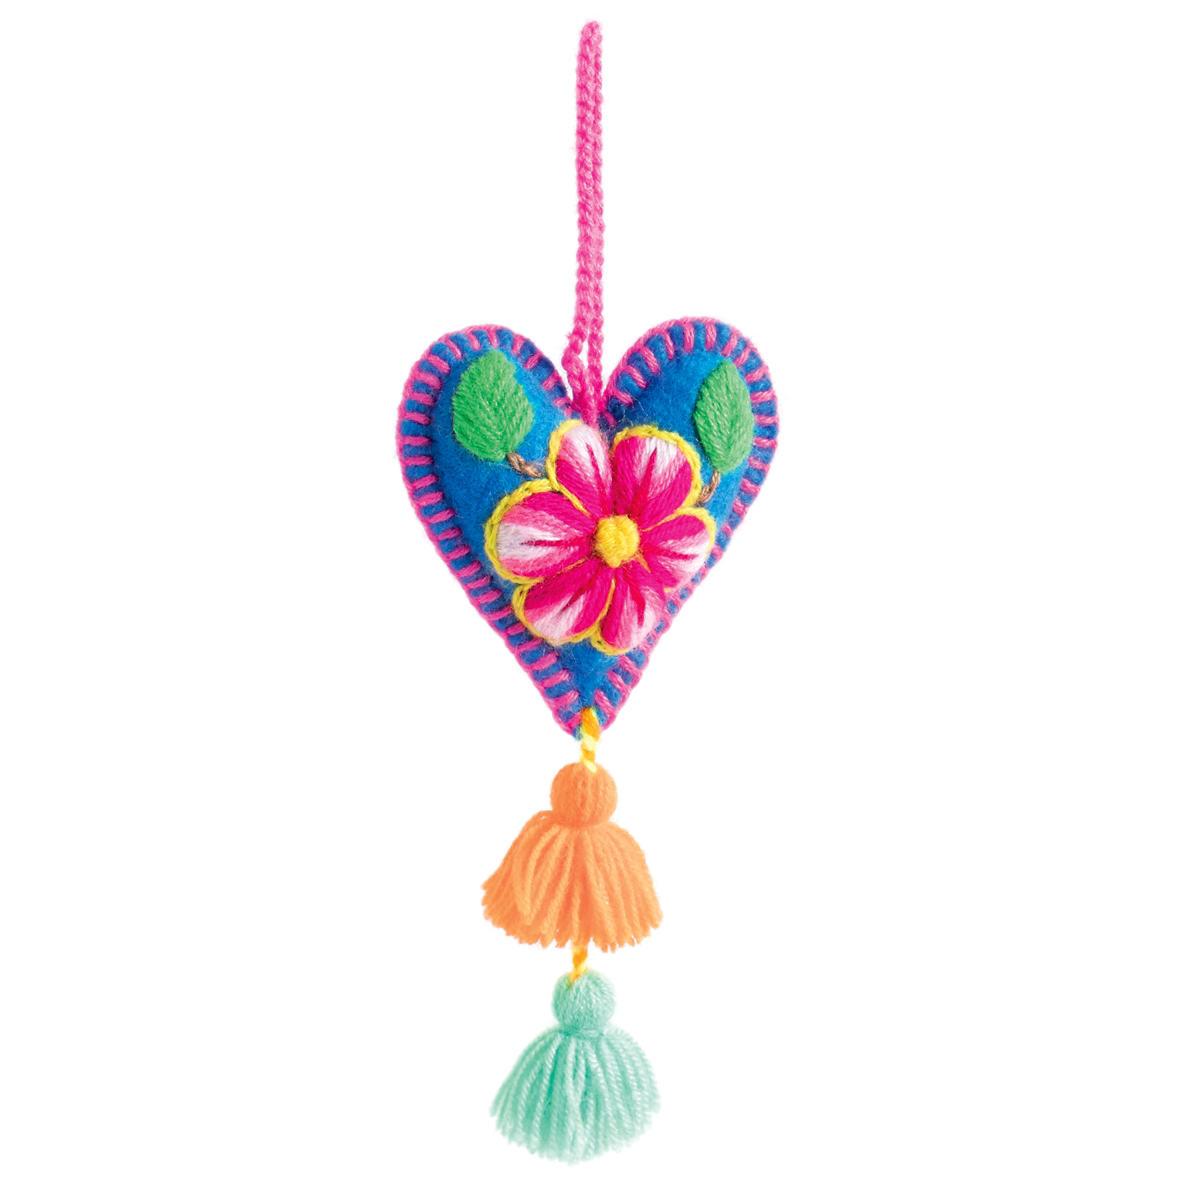 Blue Woven Hearth Ornament